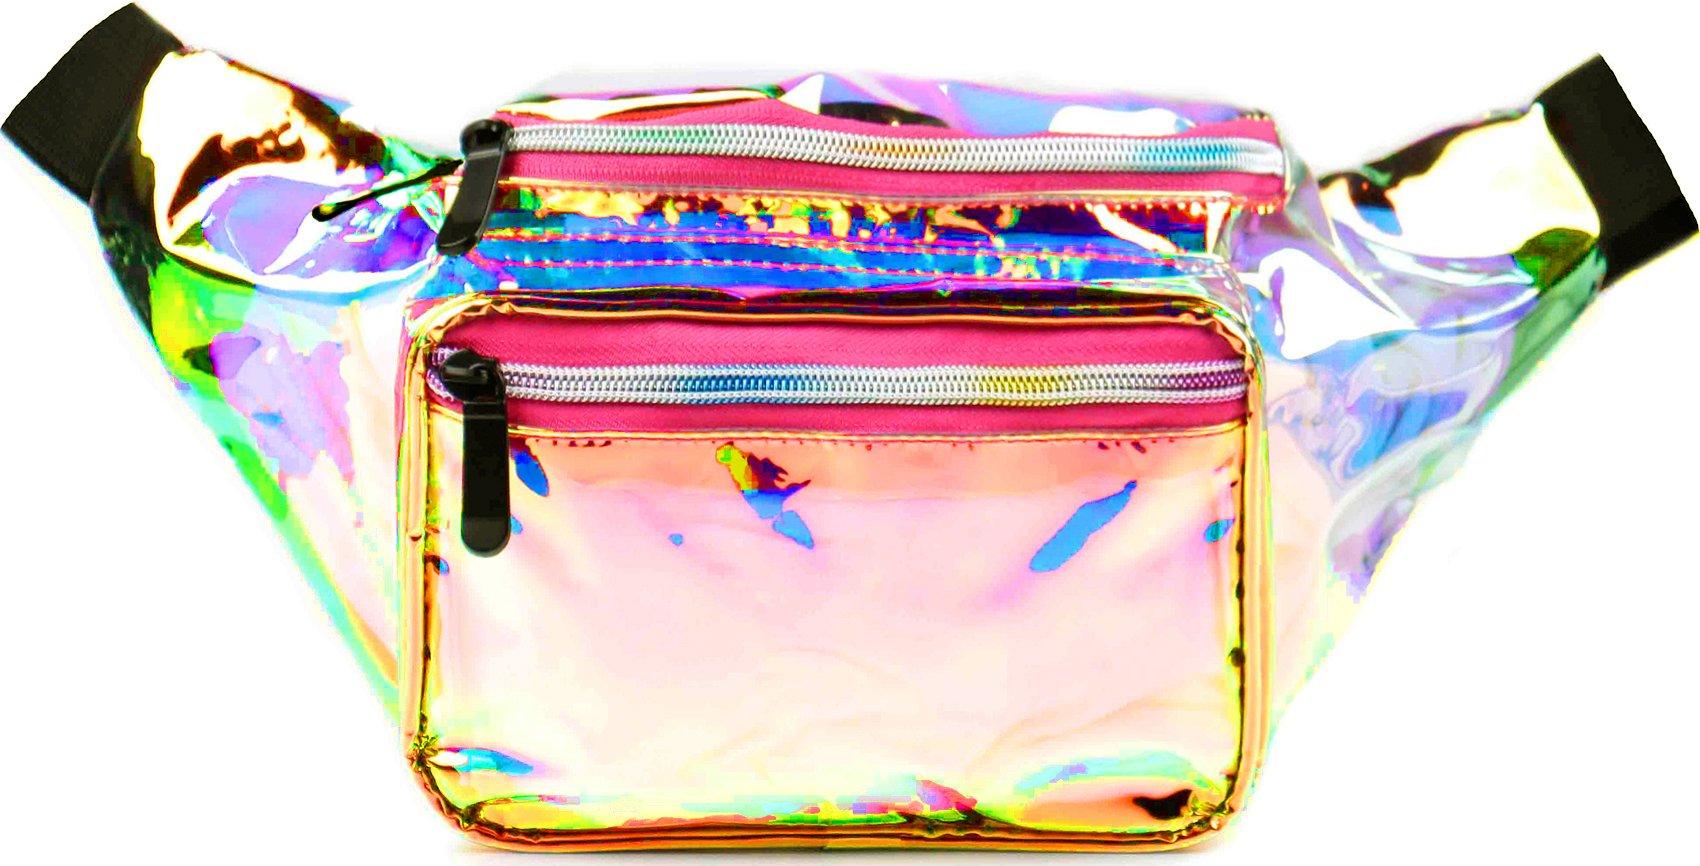 SoJourner Festival Rave Fanny Pack - Holographic Transparent Pink & Gold